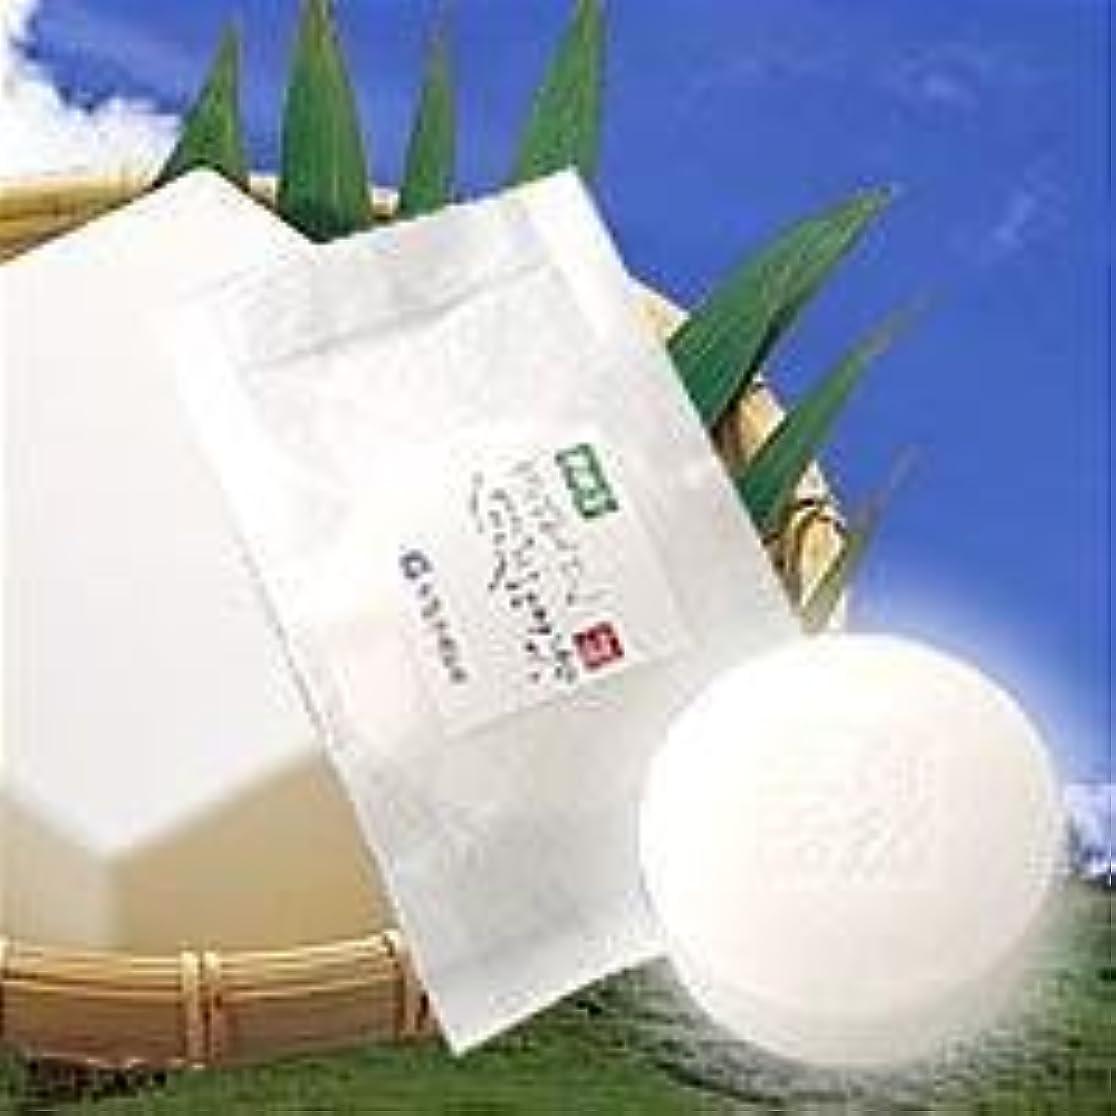 裂け目尽きるハンカチ豆腐の盛田屋 豆乳せっけん 自然生活